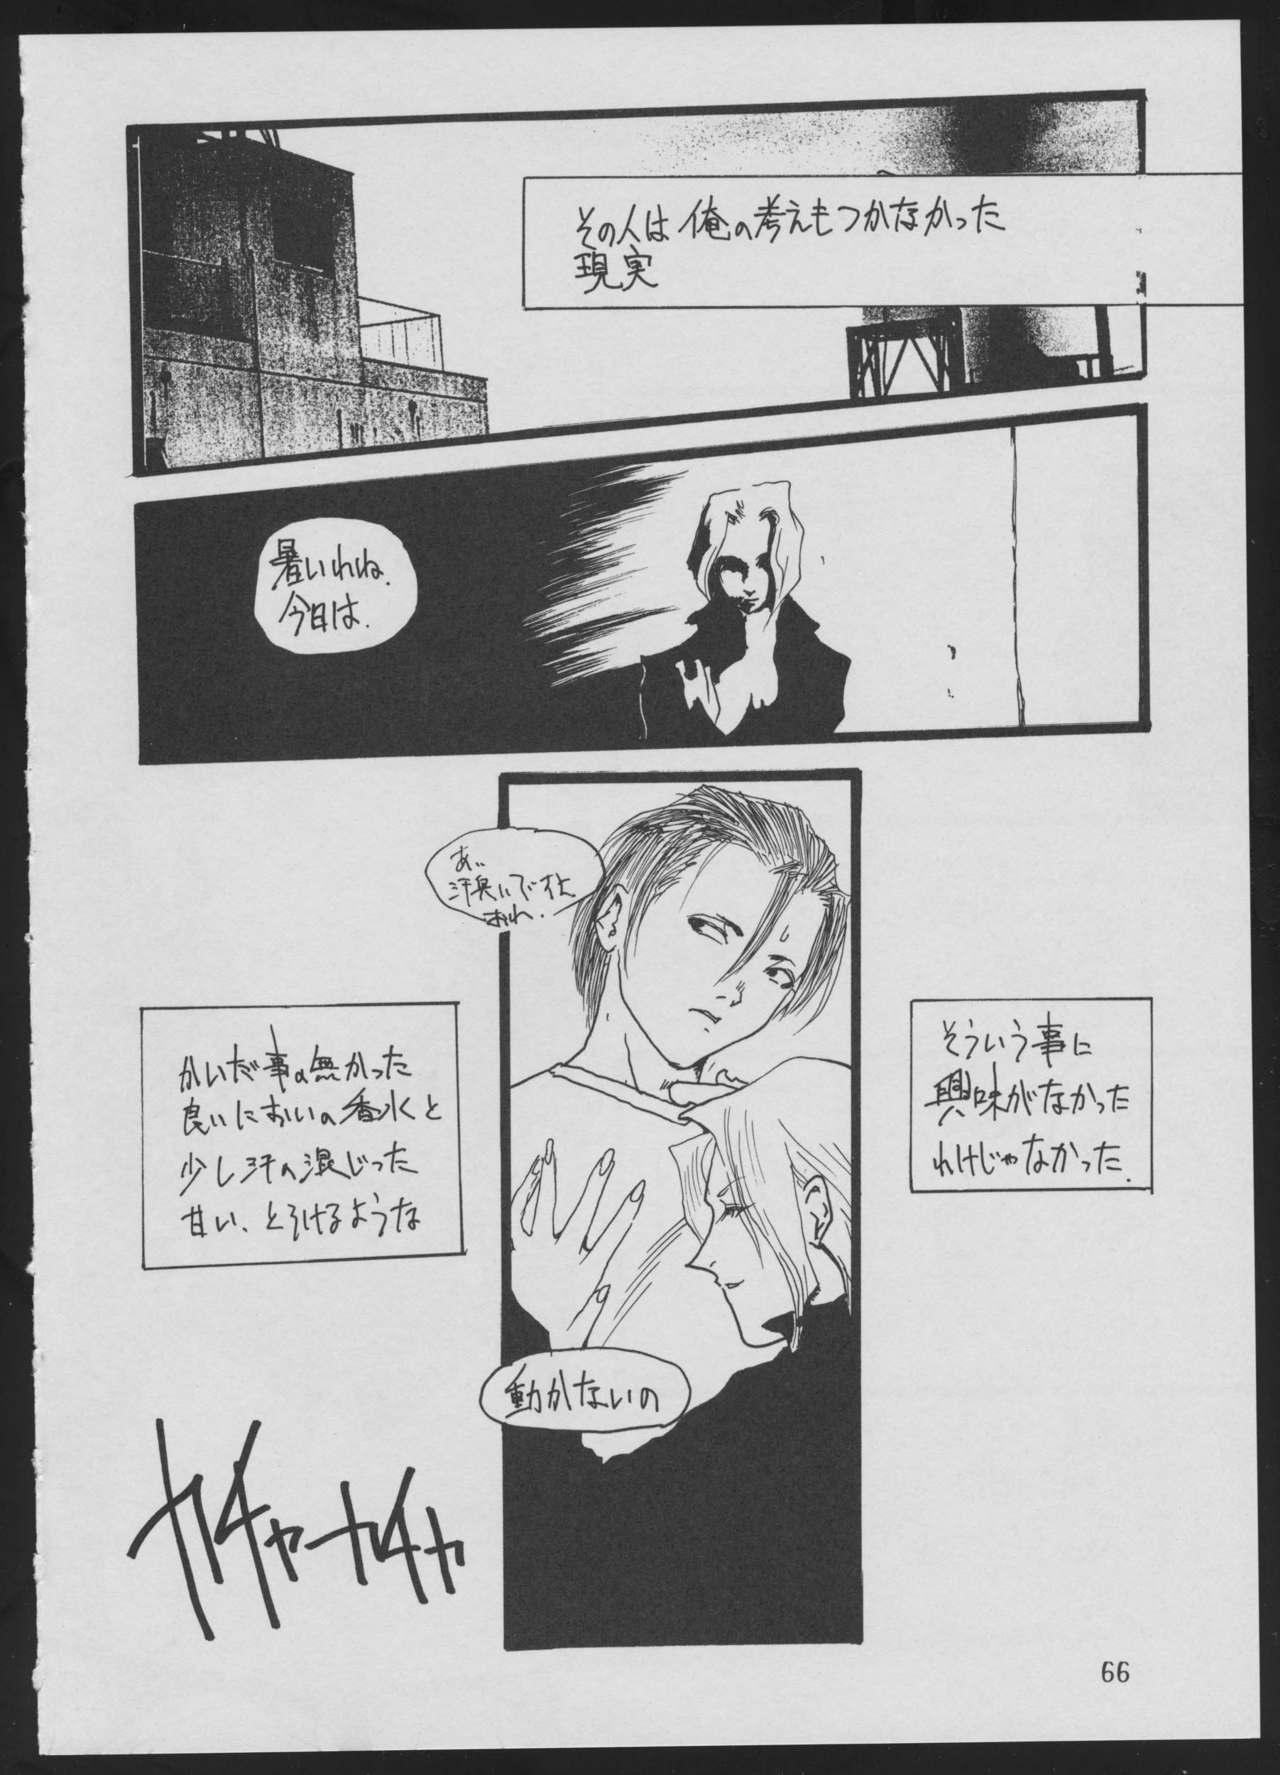 '96 Natsu no Game 18-kin Special 65